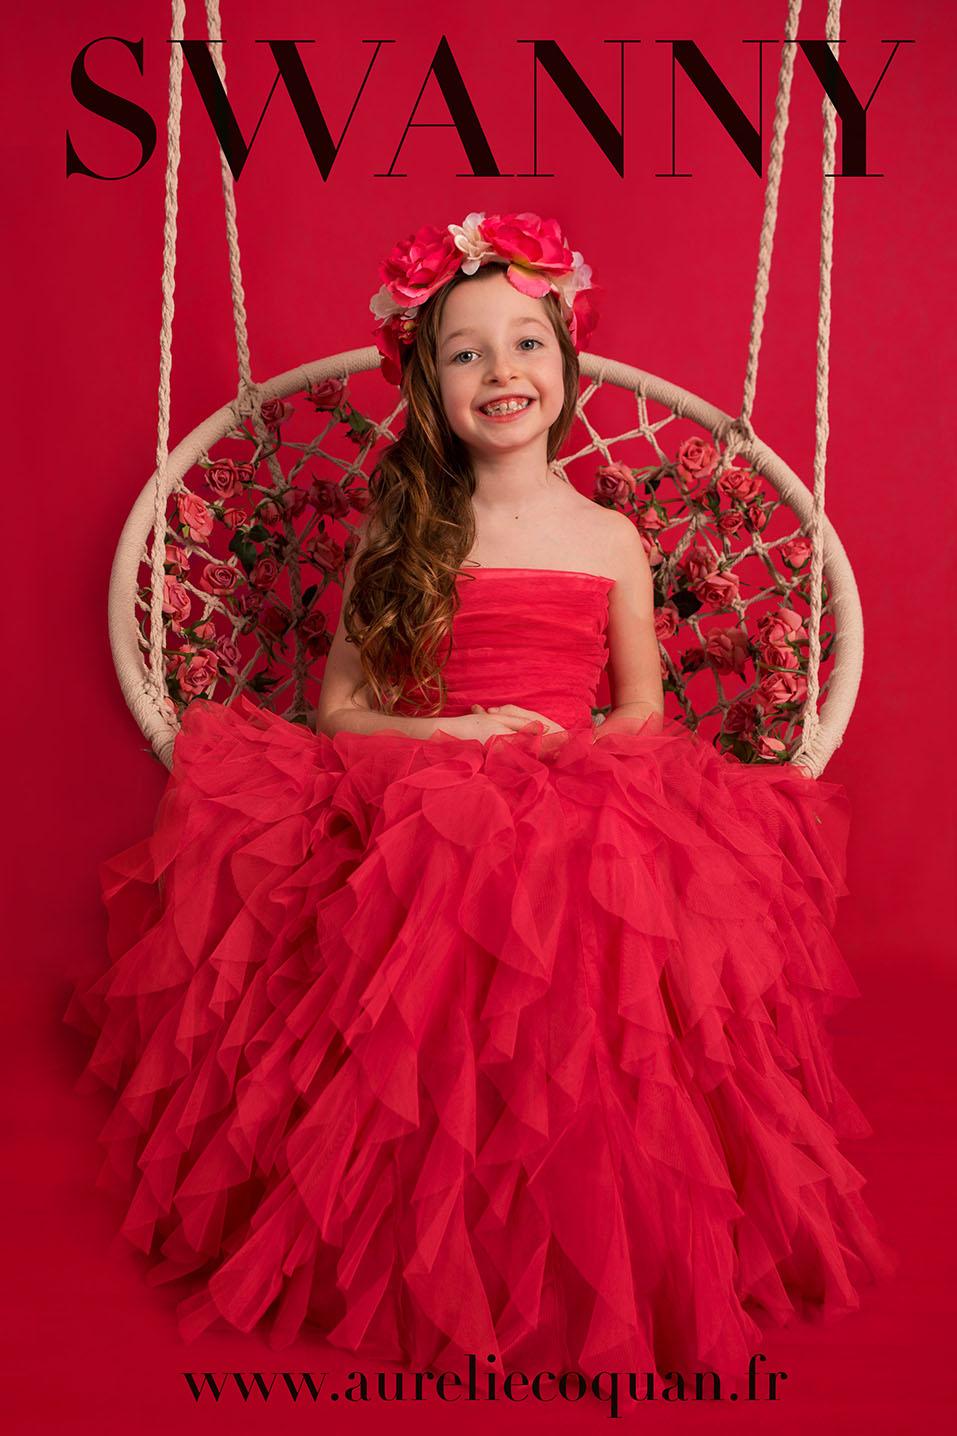 Anniversaire de princesse : en robe de princesse rouge sur une balançoire par Aurélie Coquan Photographe